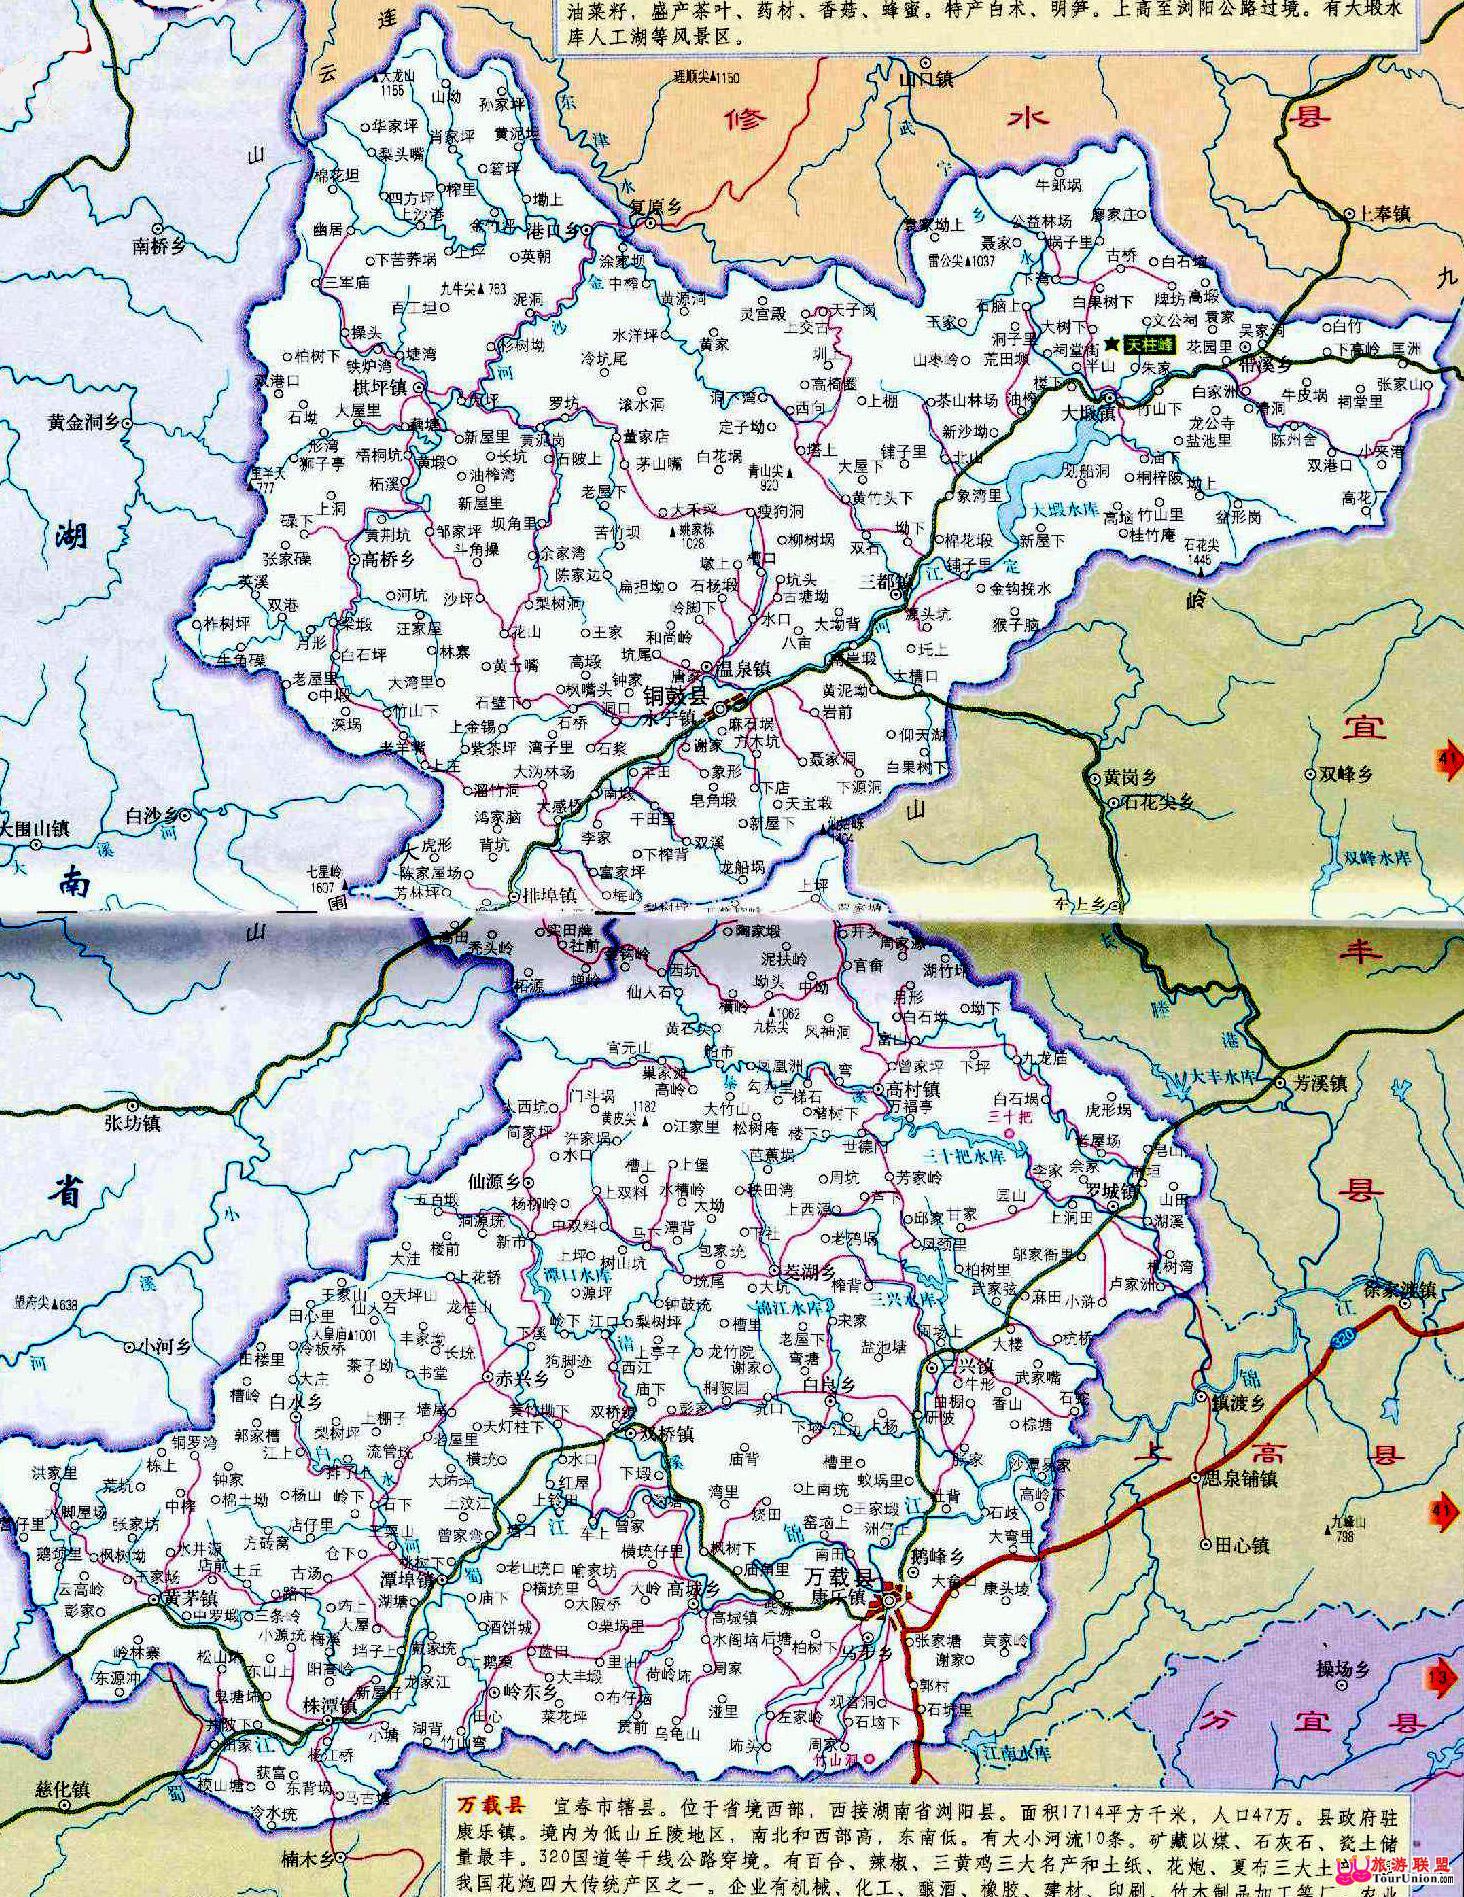 中国江西交通地图